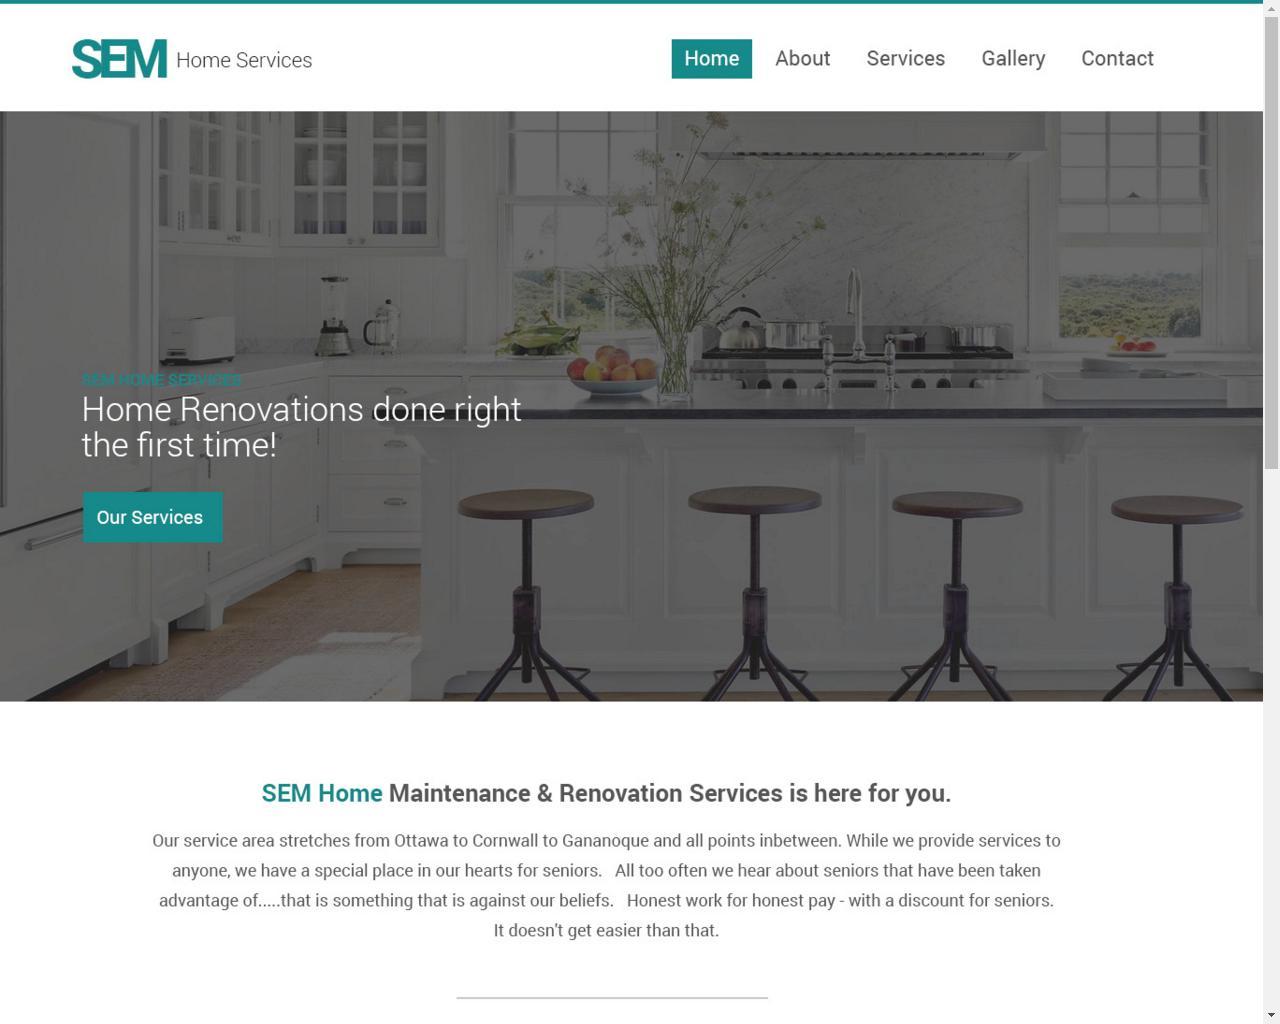 SEM Home Services